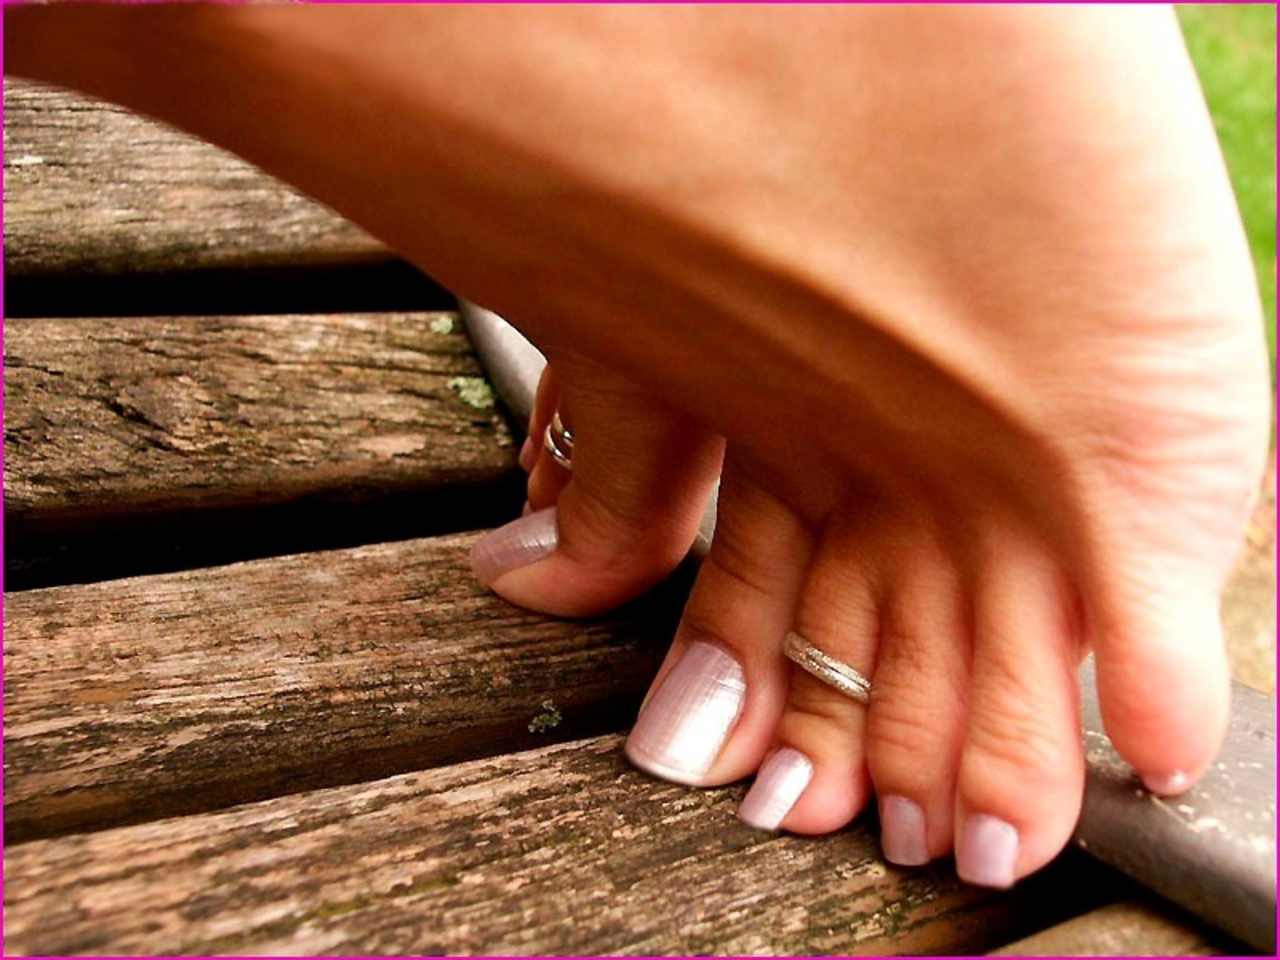 Смотреть фото женских пальчиков ног, Красивые ступни девушек это прекрасно (фото.) 13 фотография